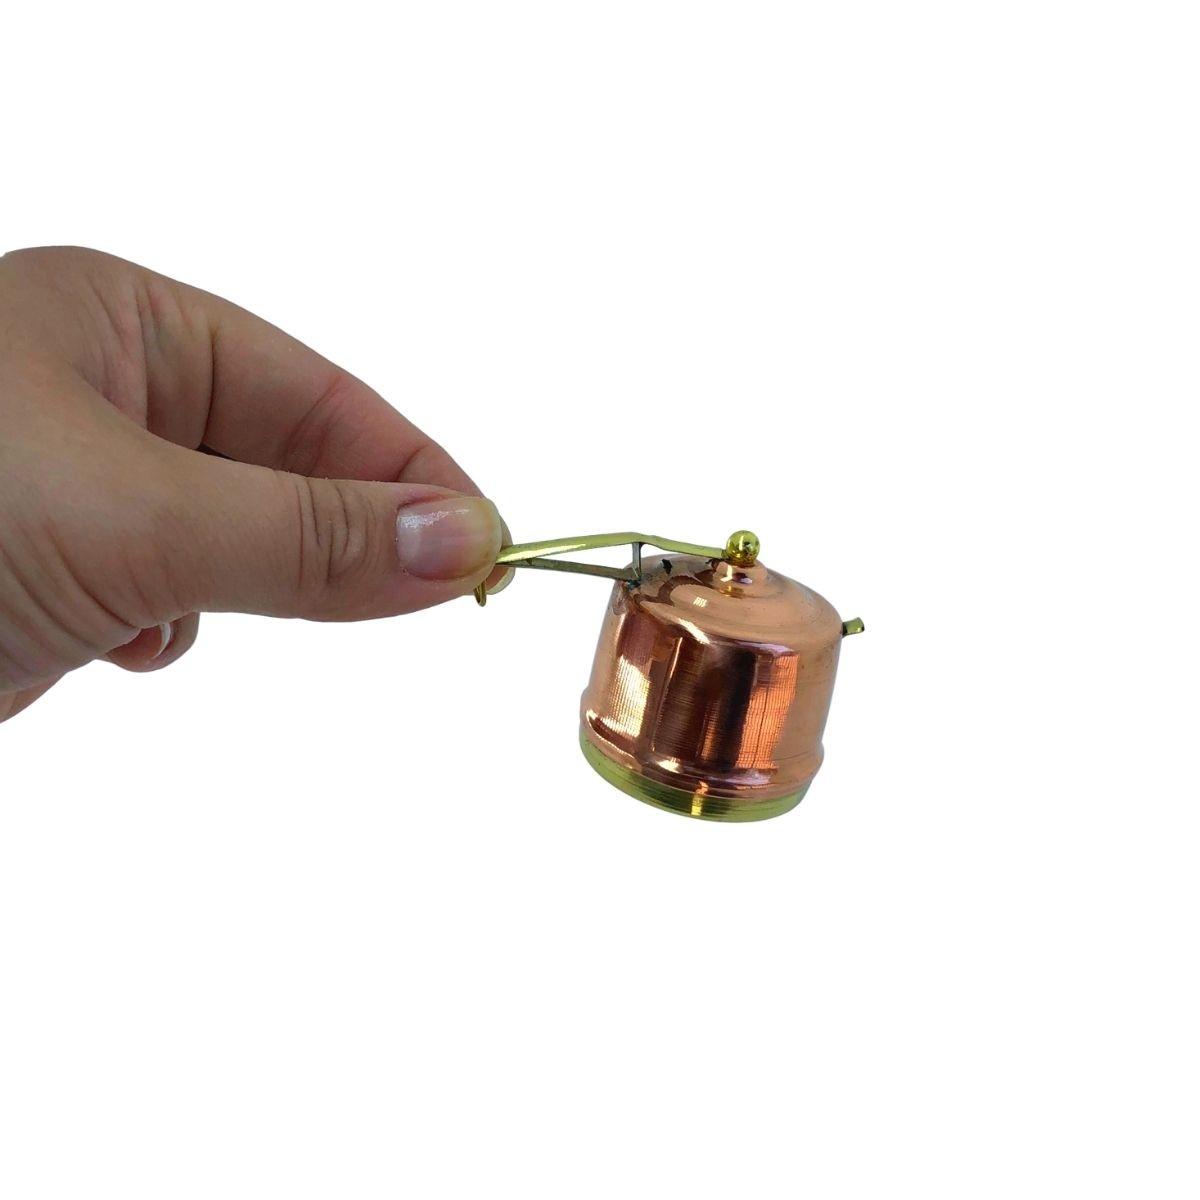 Panela de Pressão Miniatura em Cobre Mod. 2